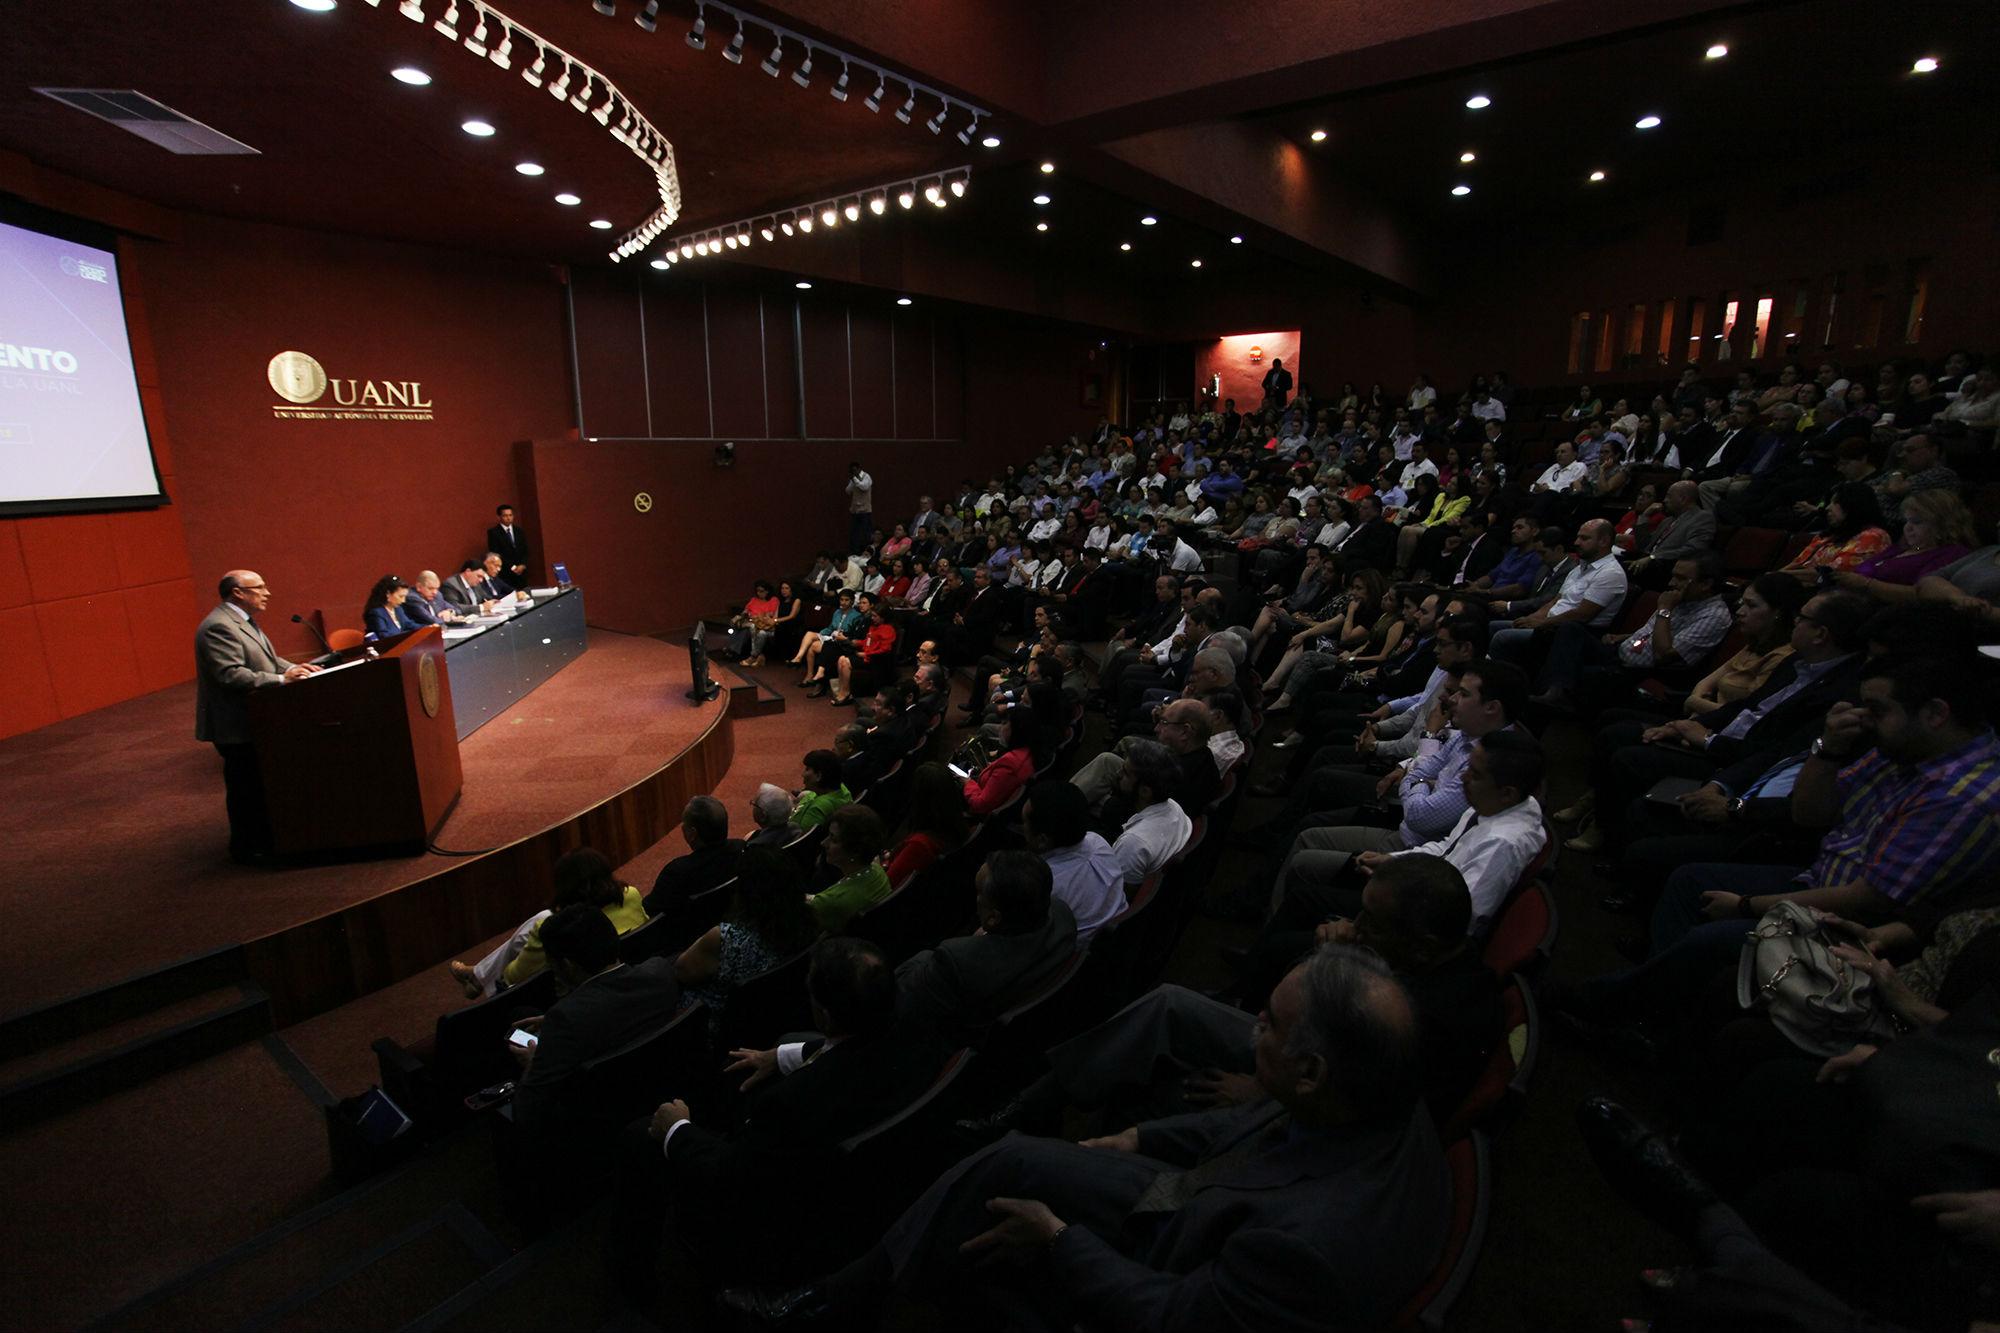 El doctor Julio Rubio Oca en la presentacion del libro